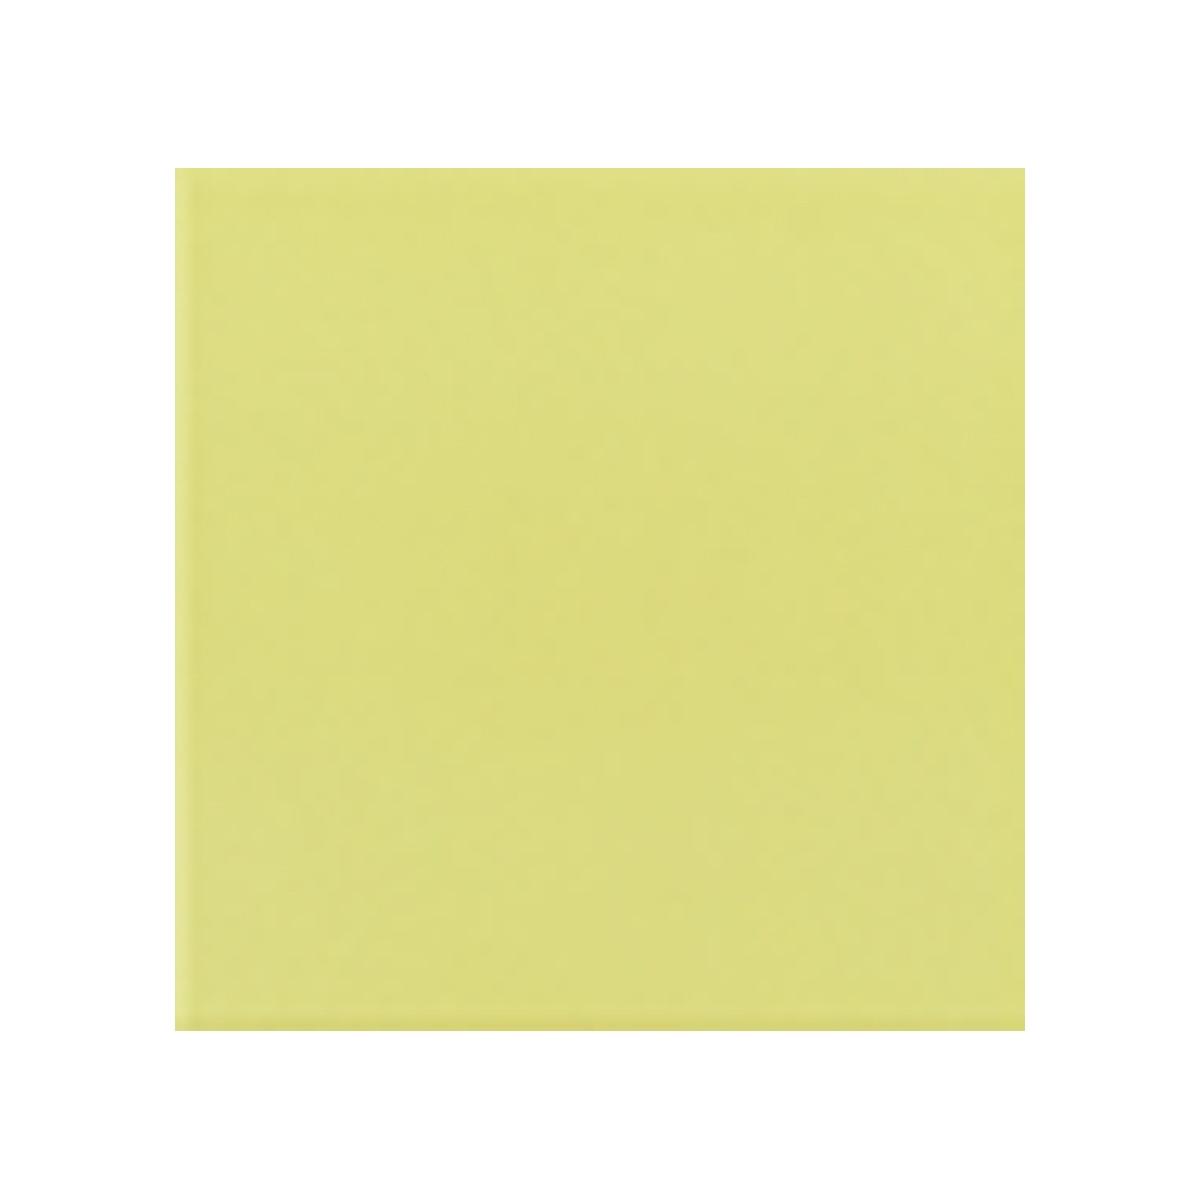 Color pistacho mate - Colección Colores Mate - Marca Mainzu